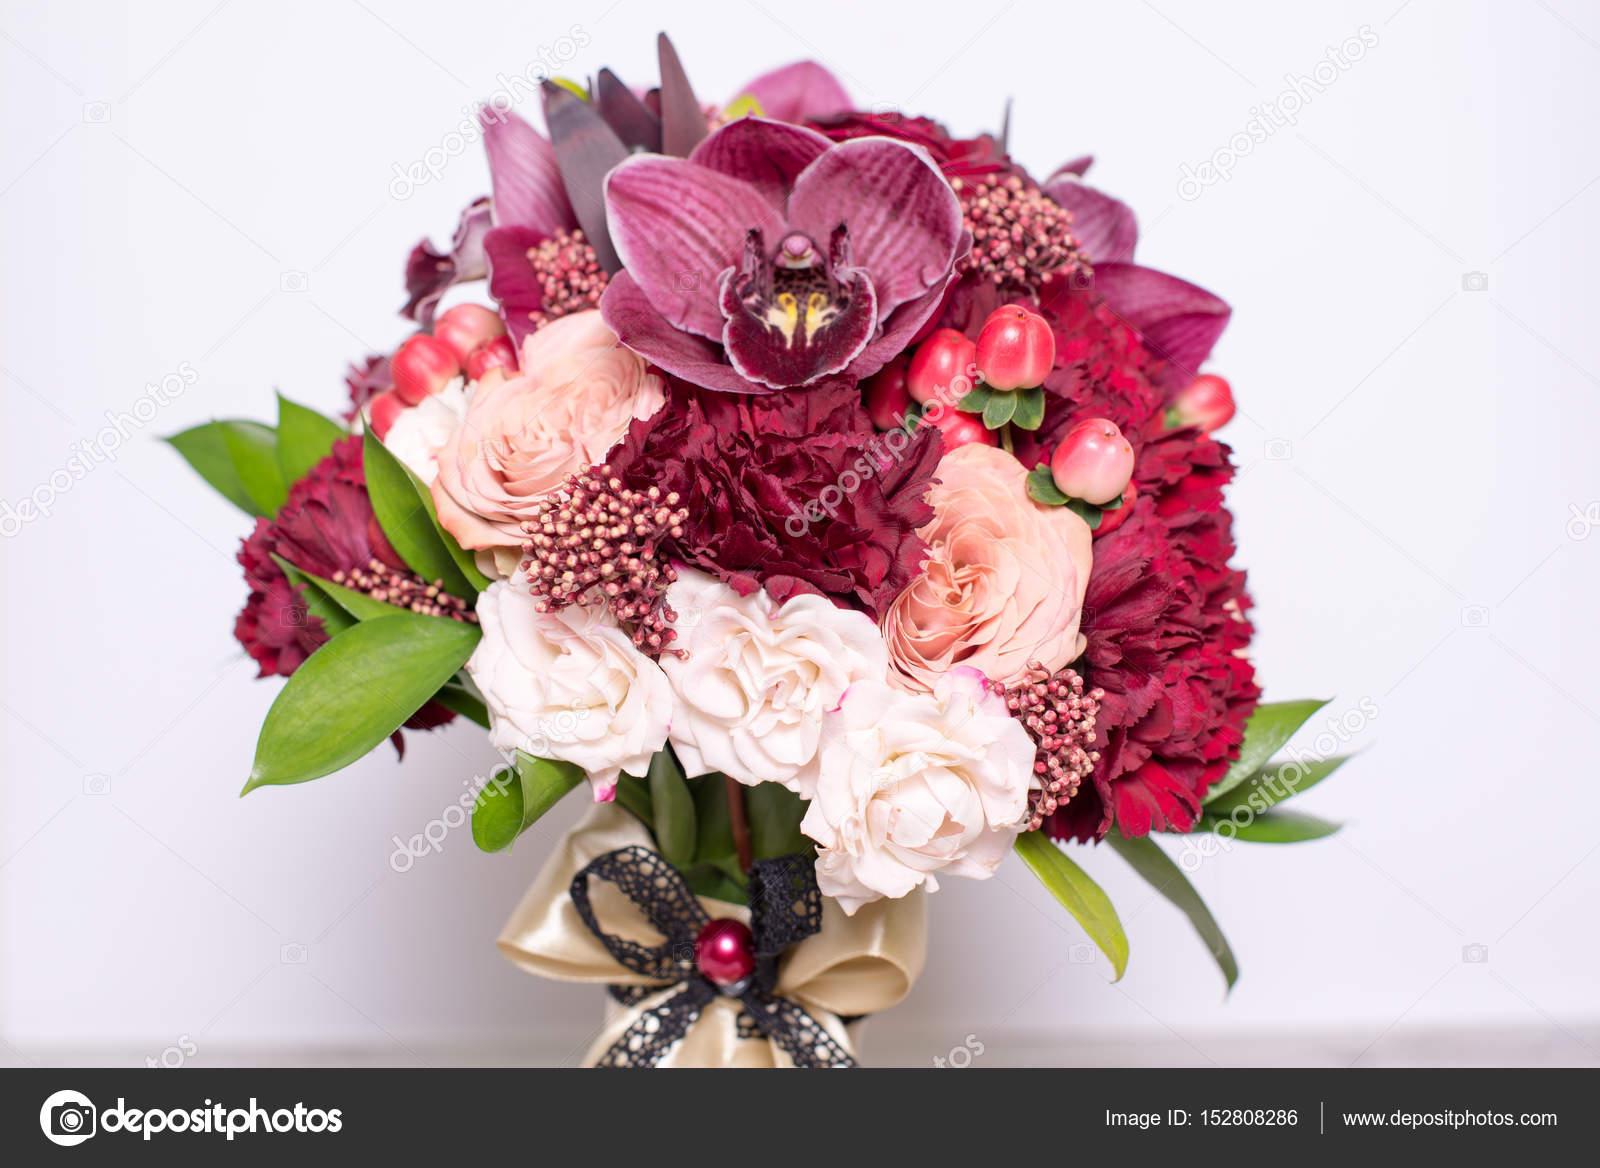 Hermoso Arreglo Floral Fotos De Stock Alexitskovich